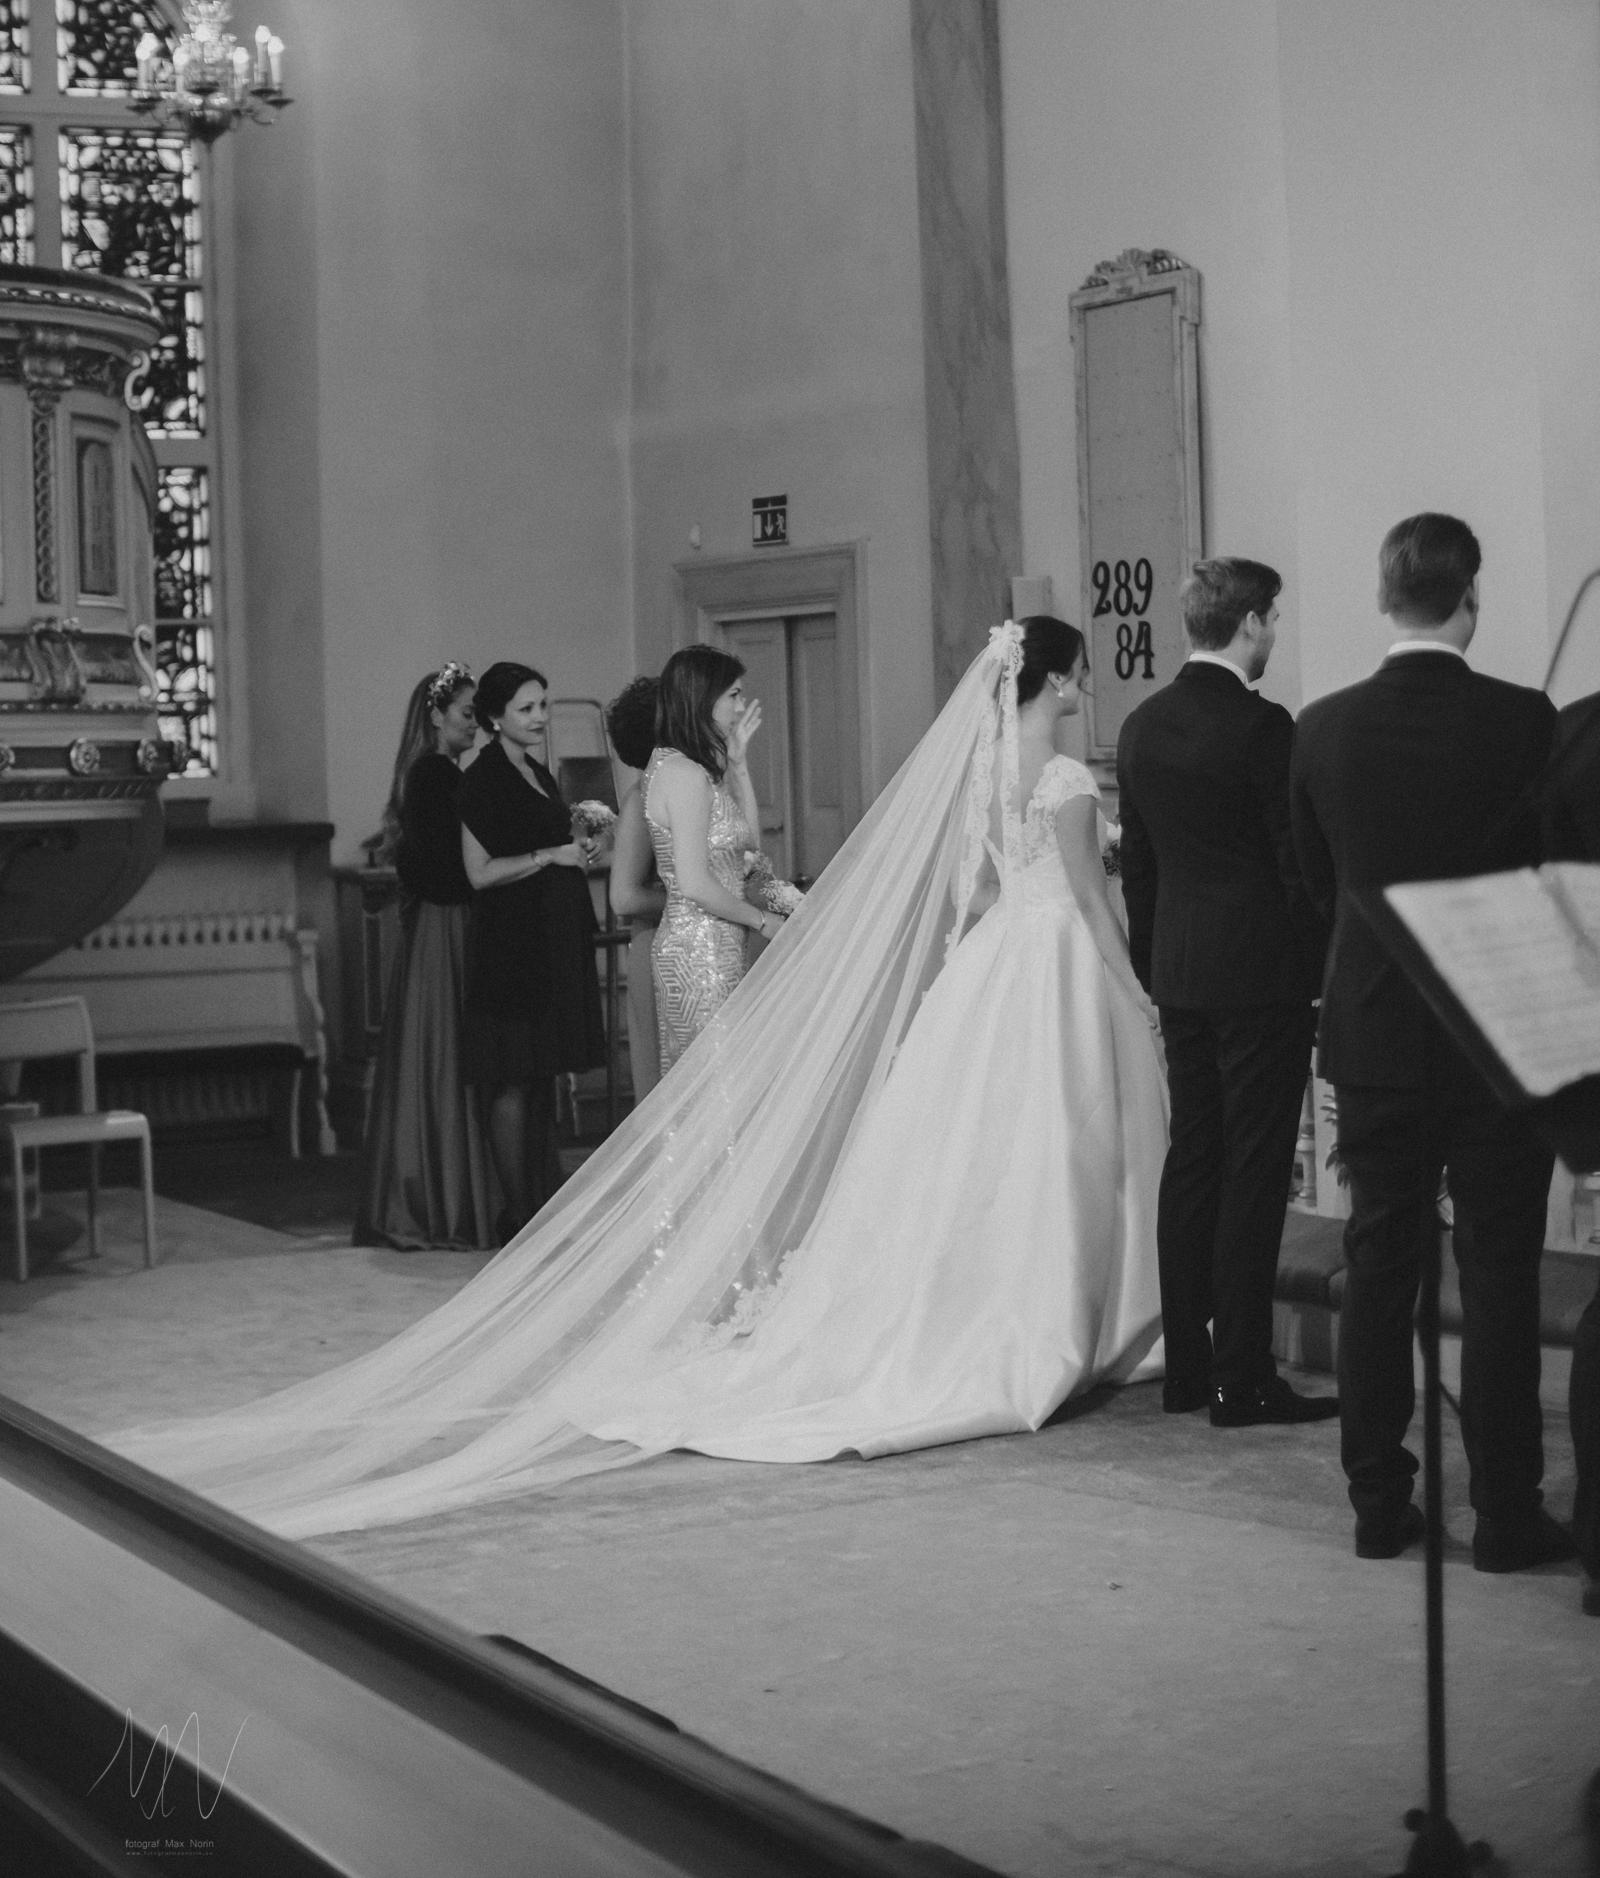 bröllopsfoto-fotograf-max-norin-126.jpg